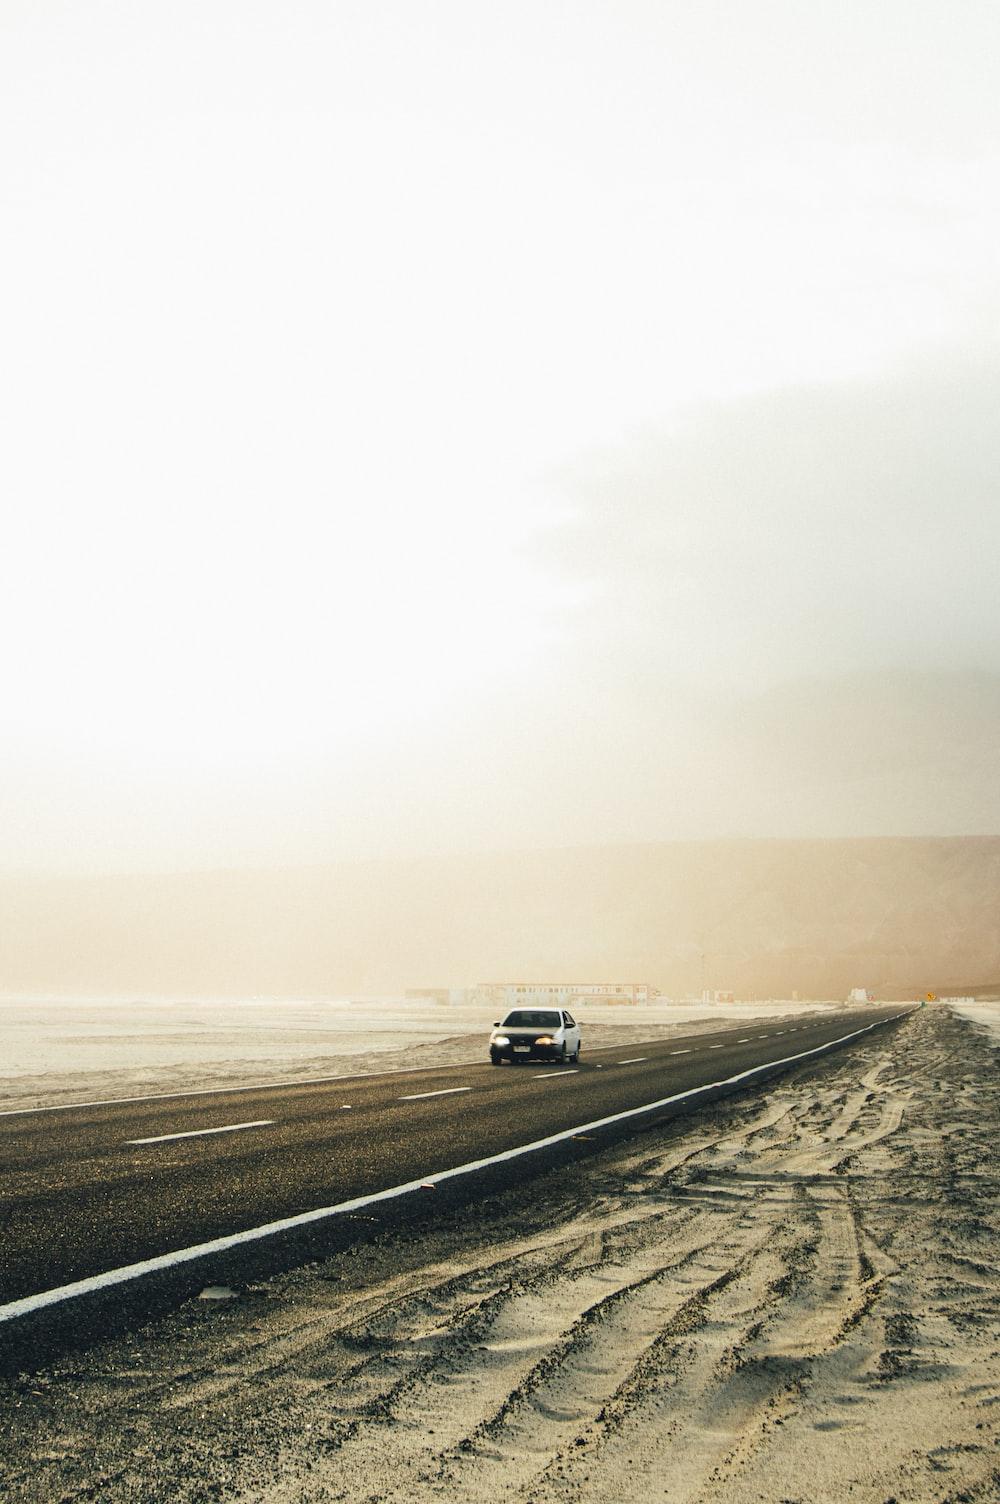 white car on gray asphalt road during daytime